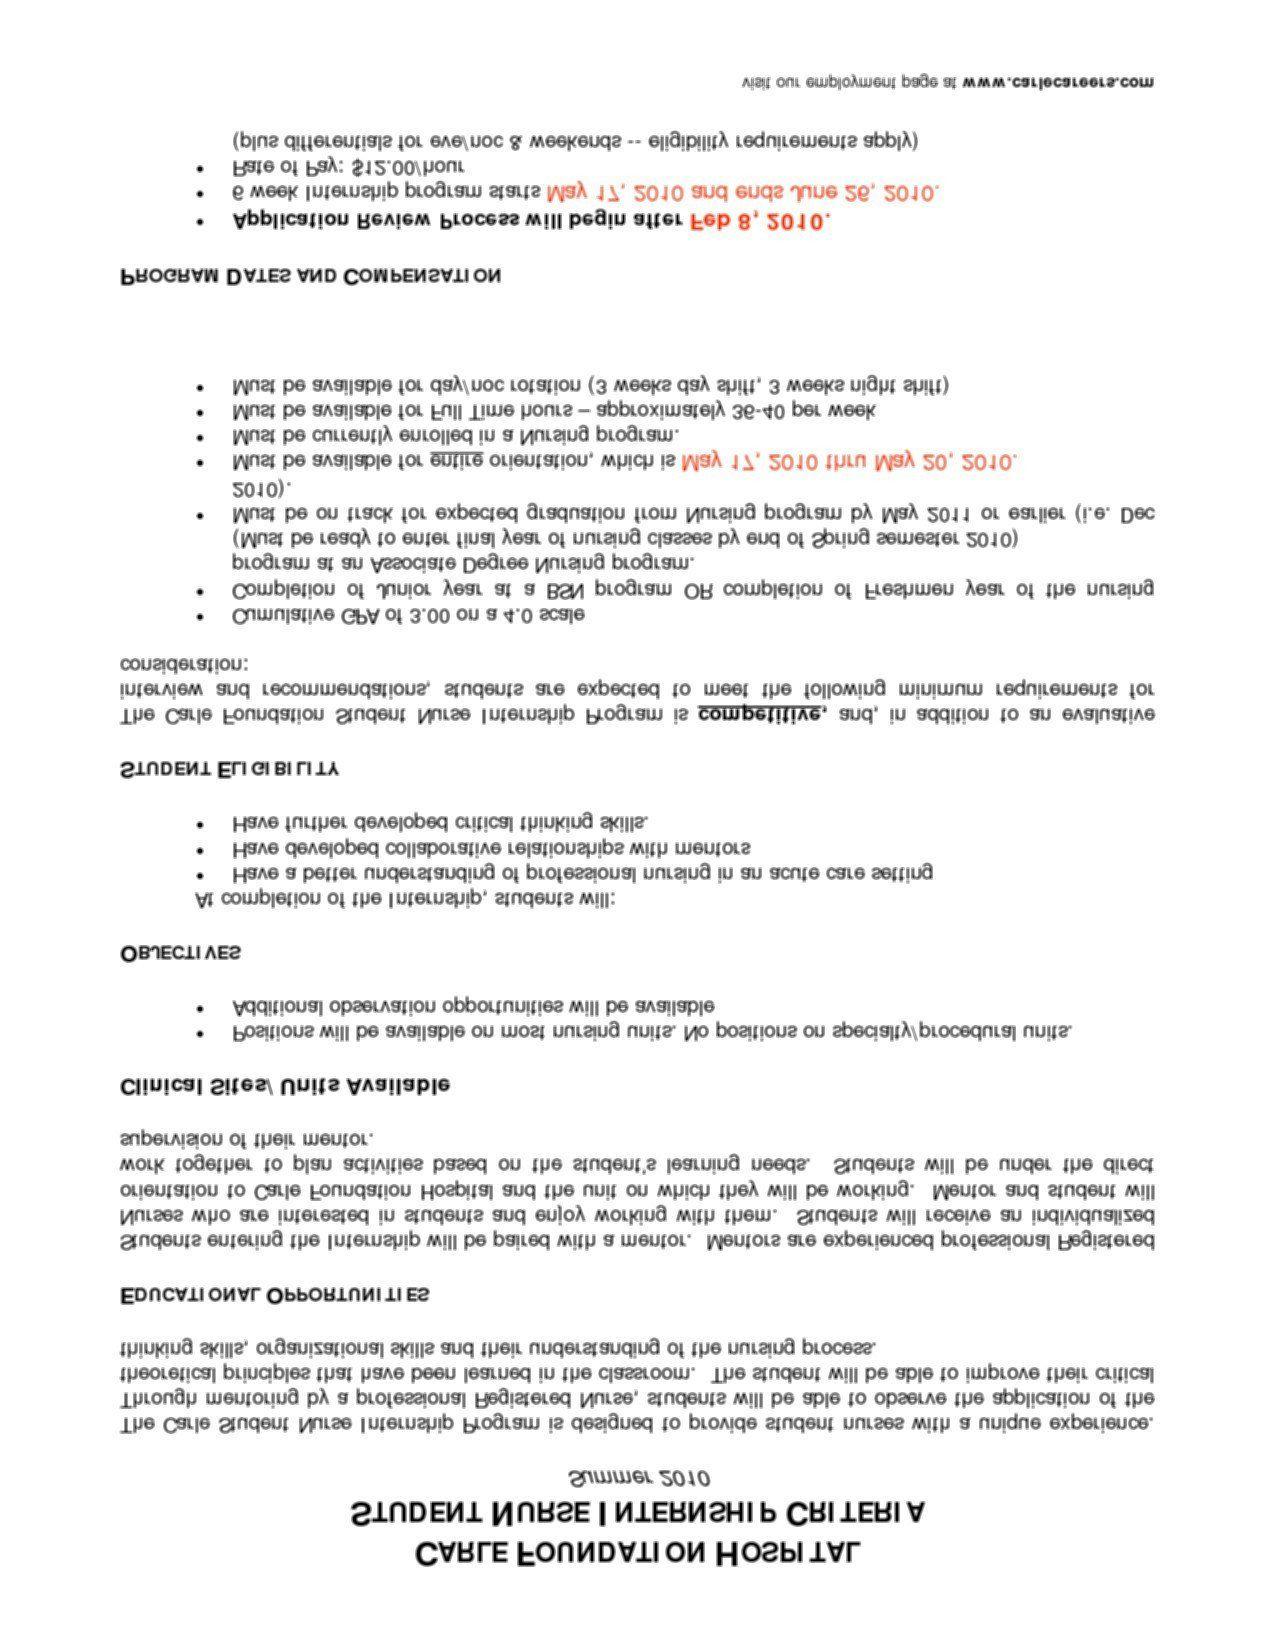 42+ Nursing student resume format ideas in 2021